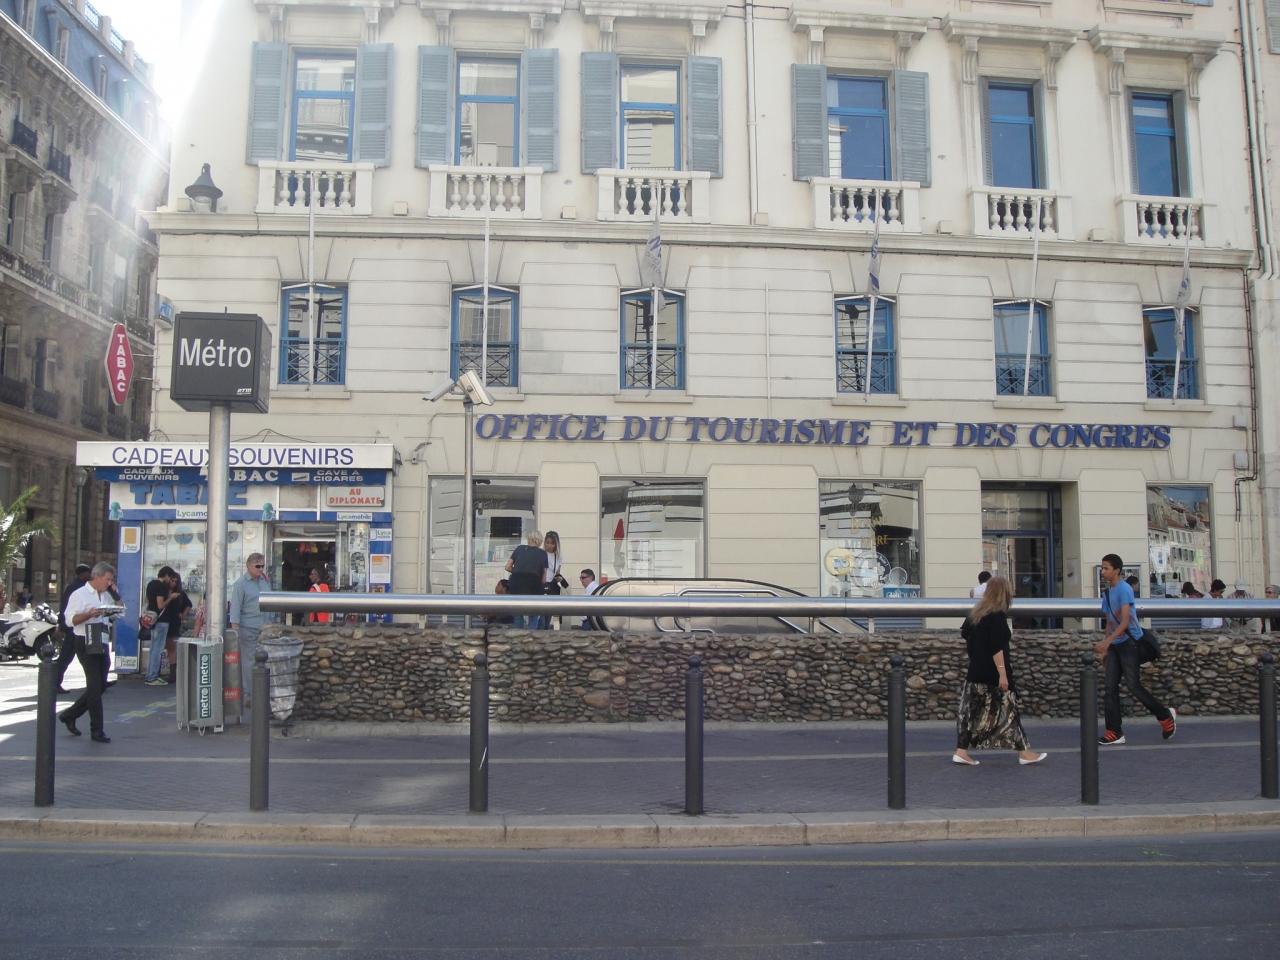 Office du tourisme de - Office du tourisme marseille telephone ...